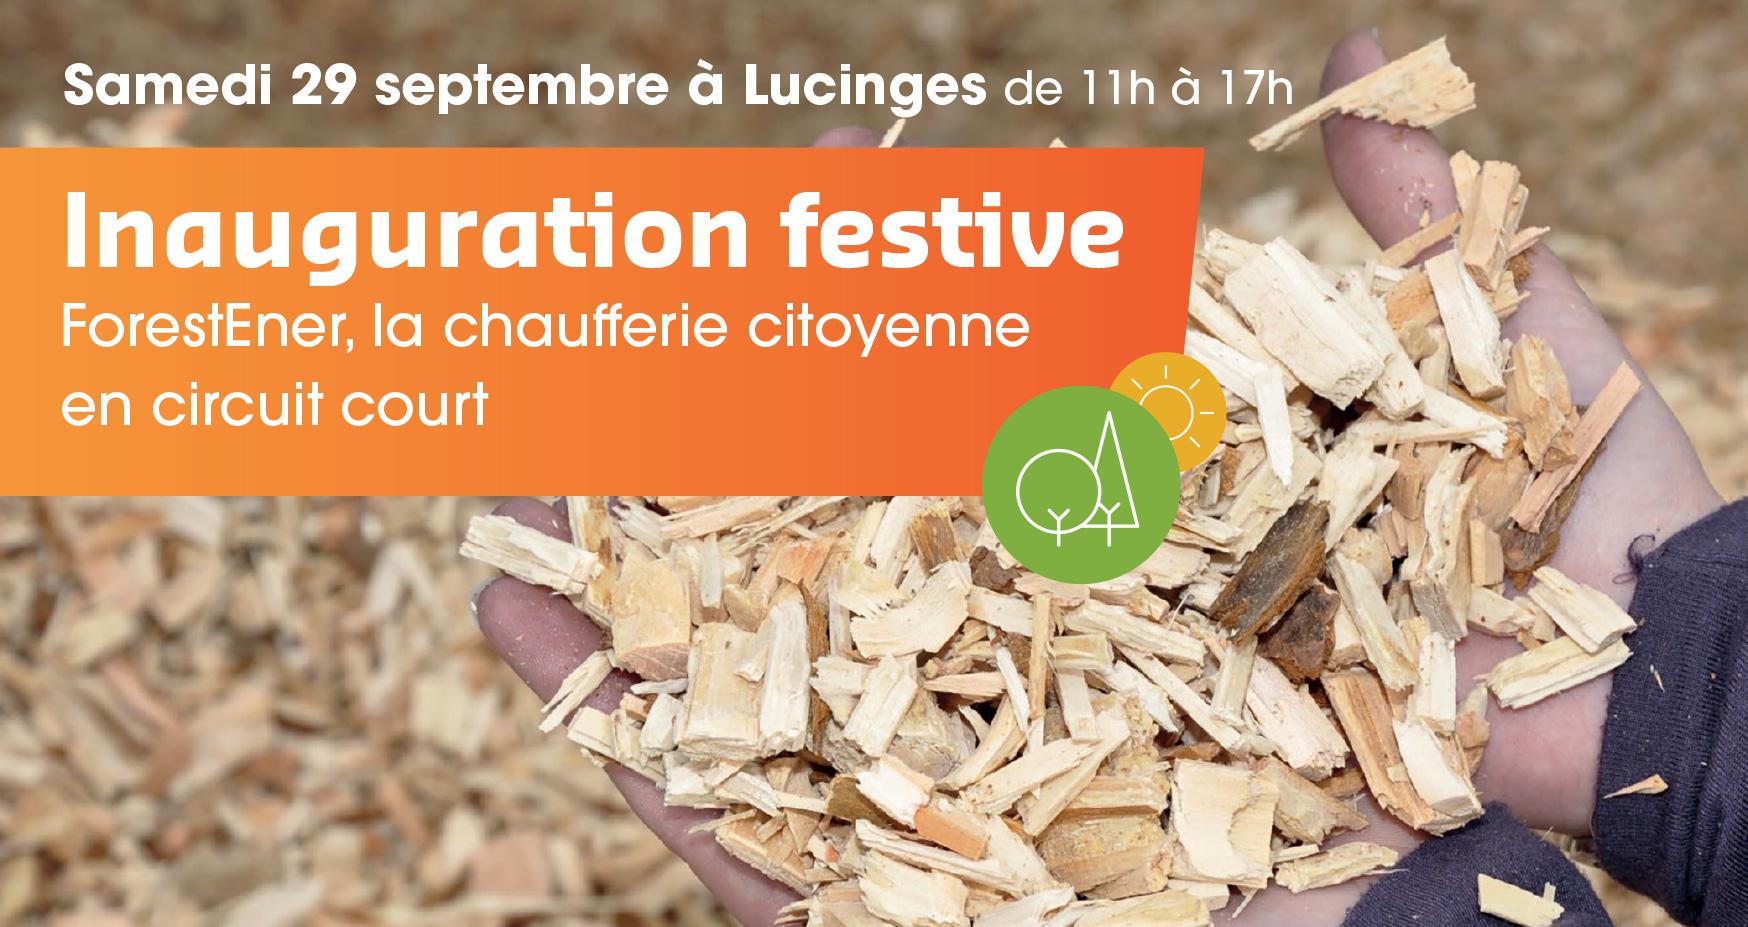 Samedi 29 septembre à Lucinges, inauguration festive de la chaufferie citoyenne ForestEner et du réseau de chaleur communal